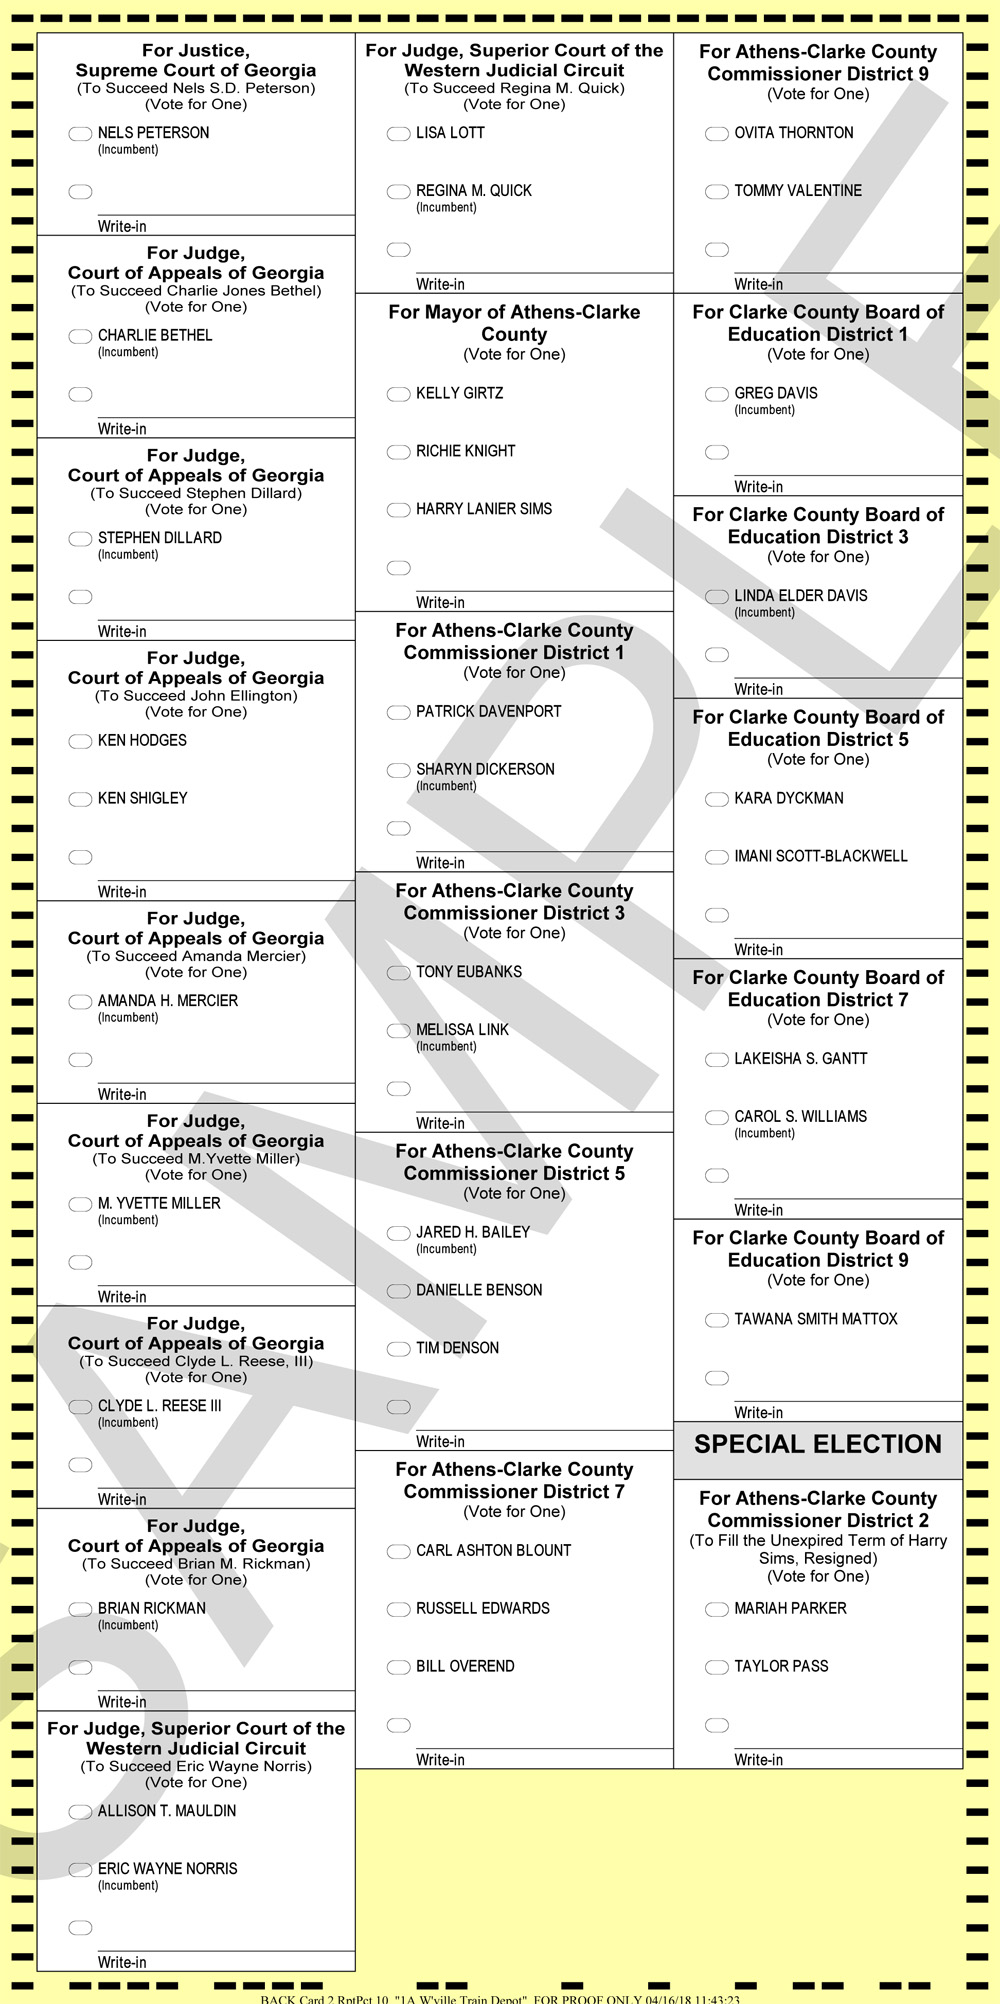 sample ballot  may 22  2018